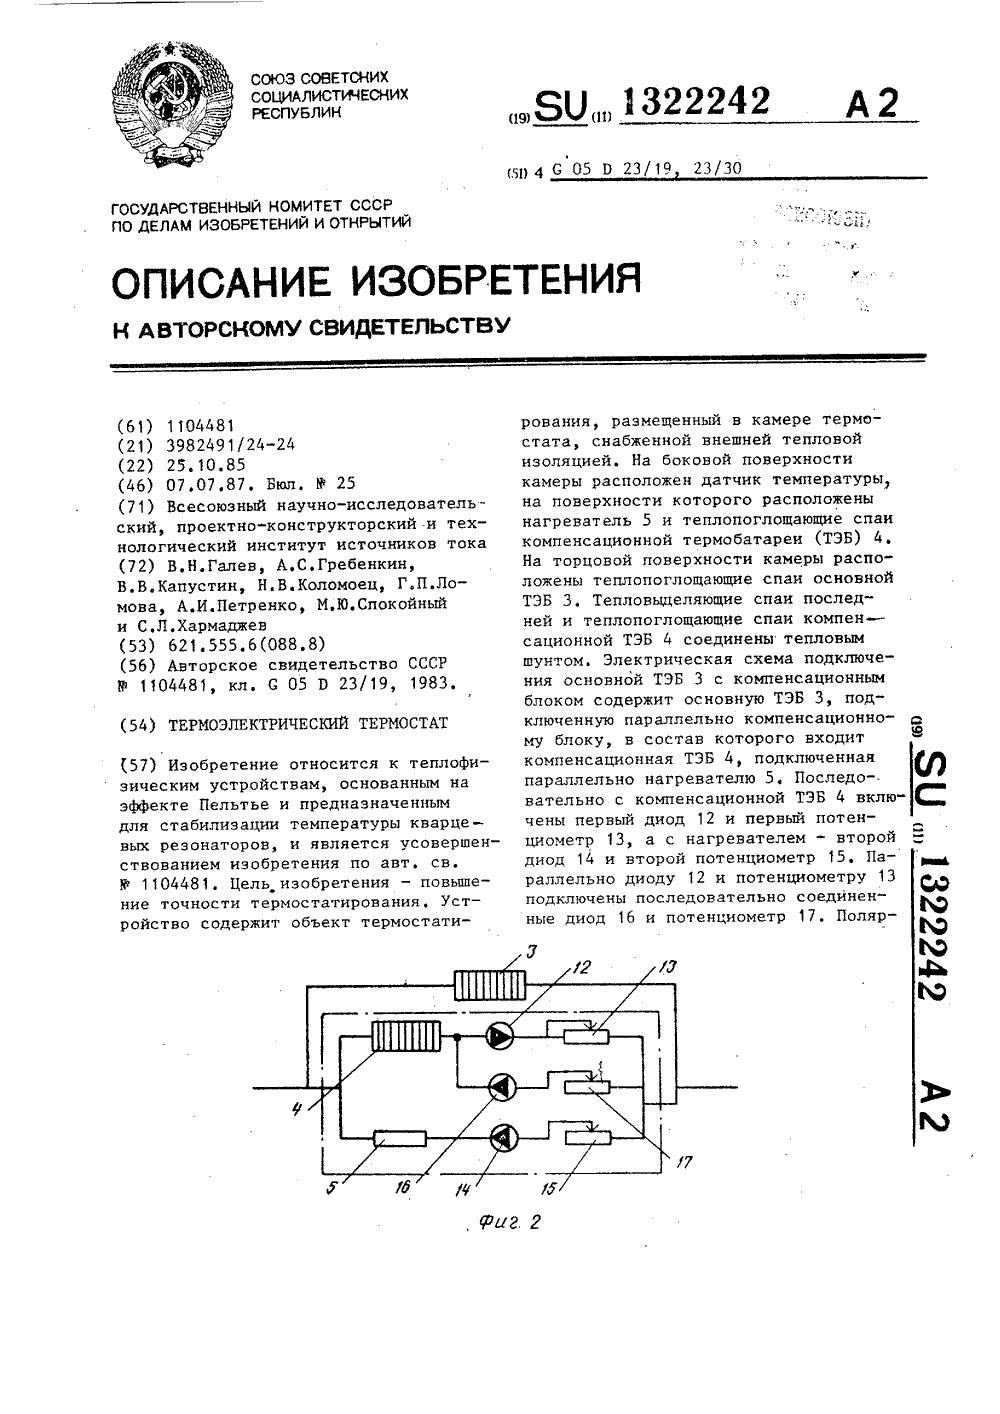 Какая температура термостатов советских стеклянных кварцев